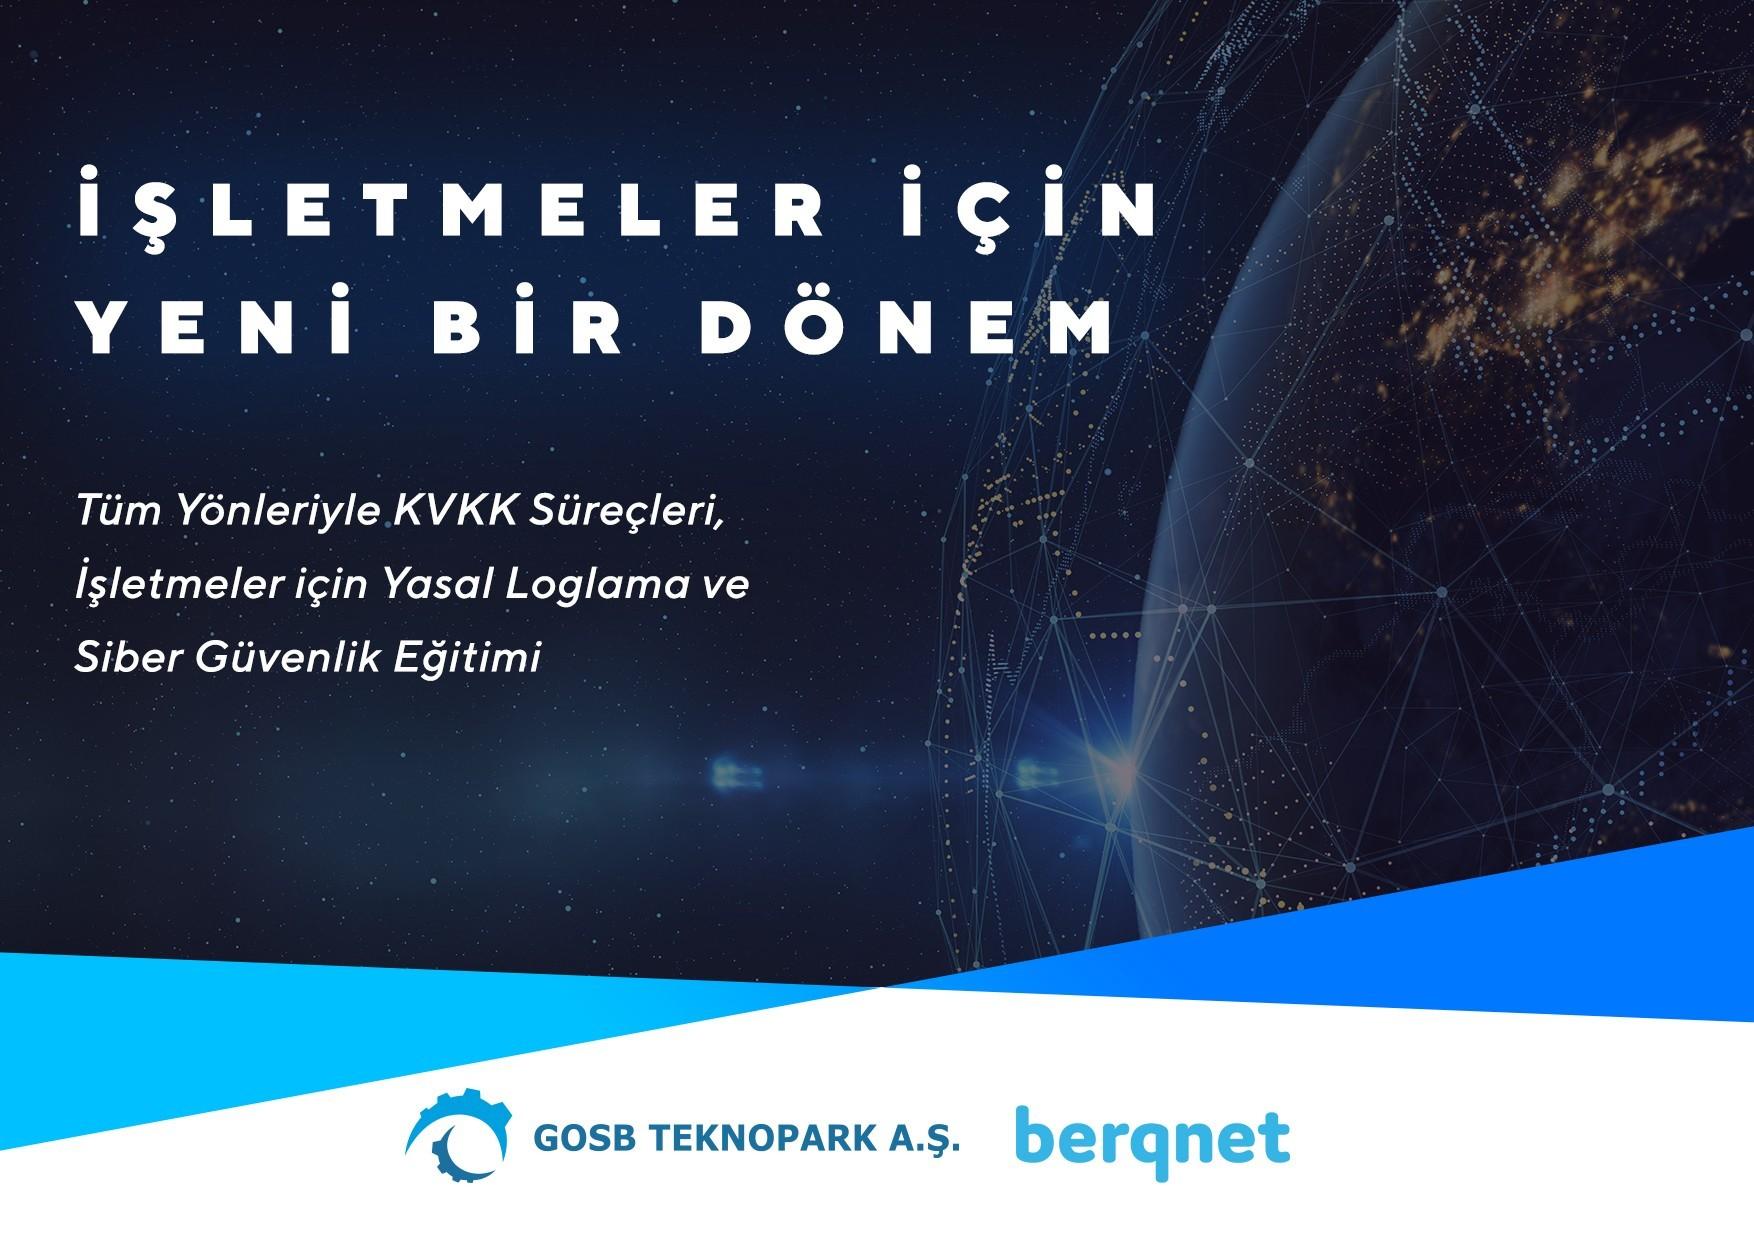 Kişisel Verileri Güvende Tutmamanın Cezası  1 Milyon TL'ye Dayanıyor | Berqnet'ten KVKK Etkinliği